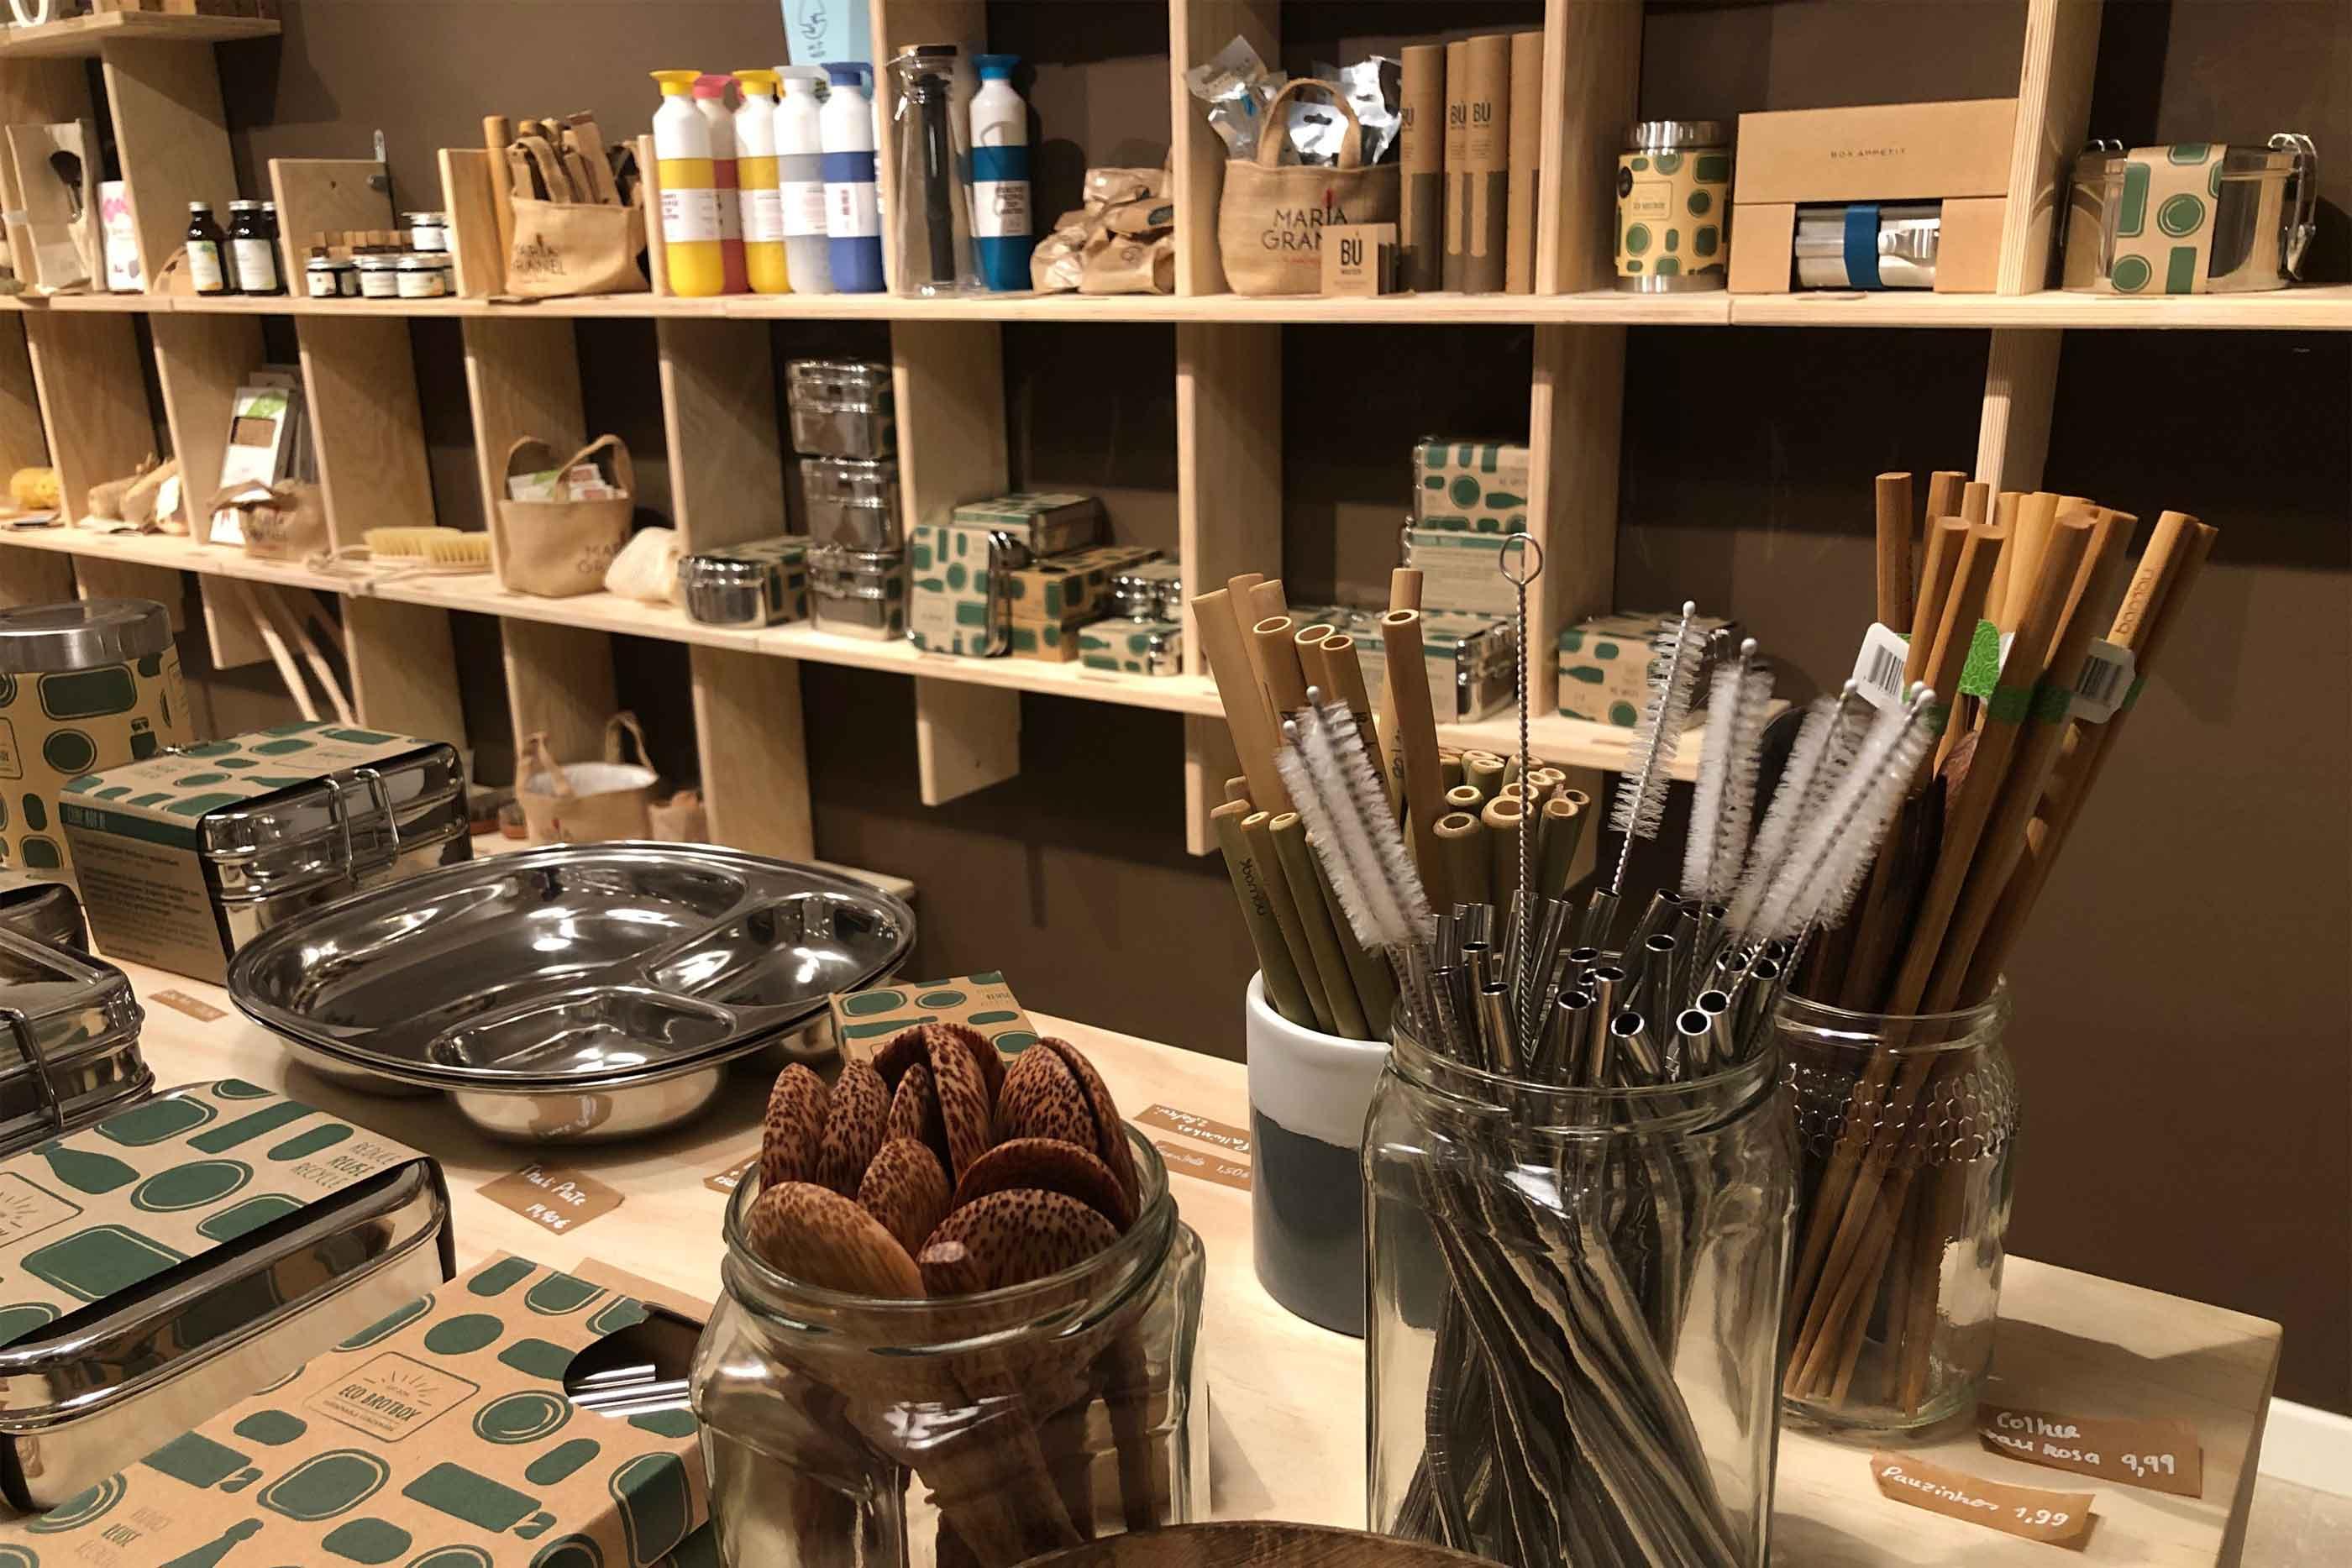 No andar inferior da loja podemos encontrar vários objetos zero waste. Em destaque, nesta fotografia, encontramos as palhinhas de bambu e de aço inoxidável, ao lado de colheres e pauzinhos de madeira.